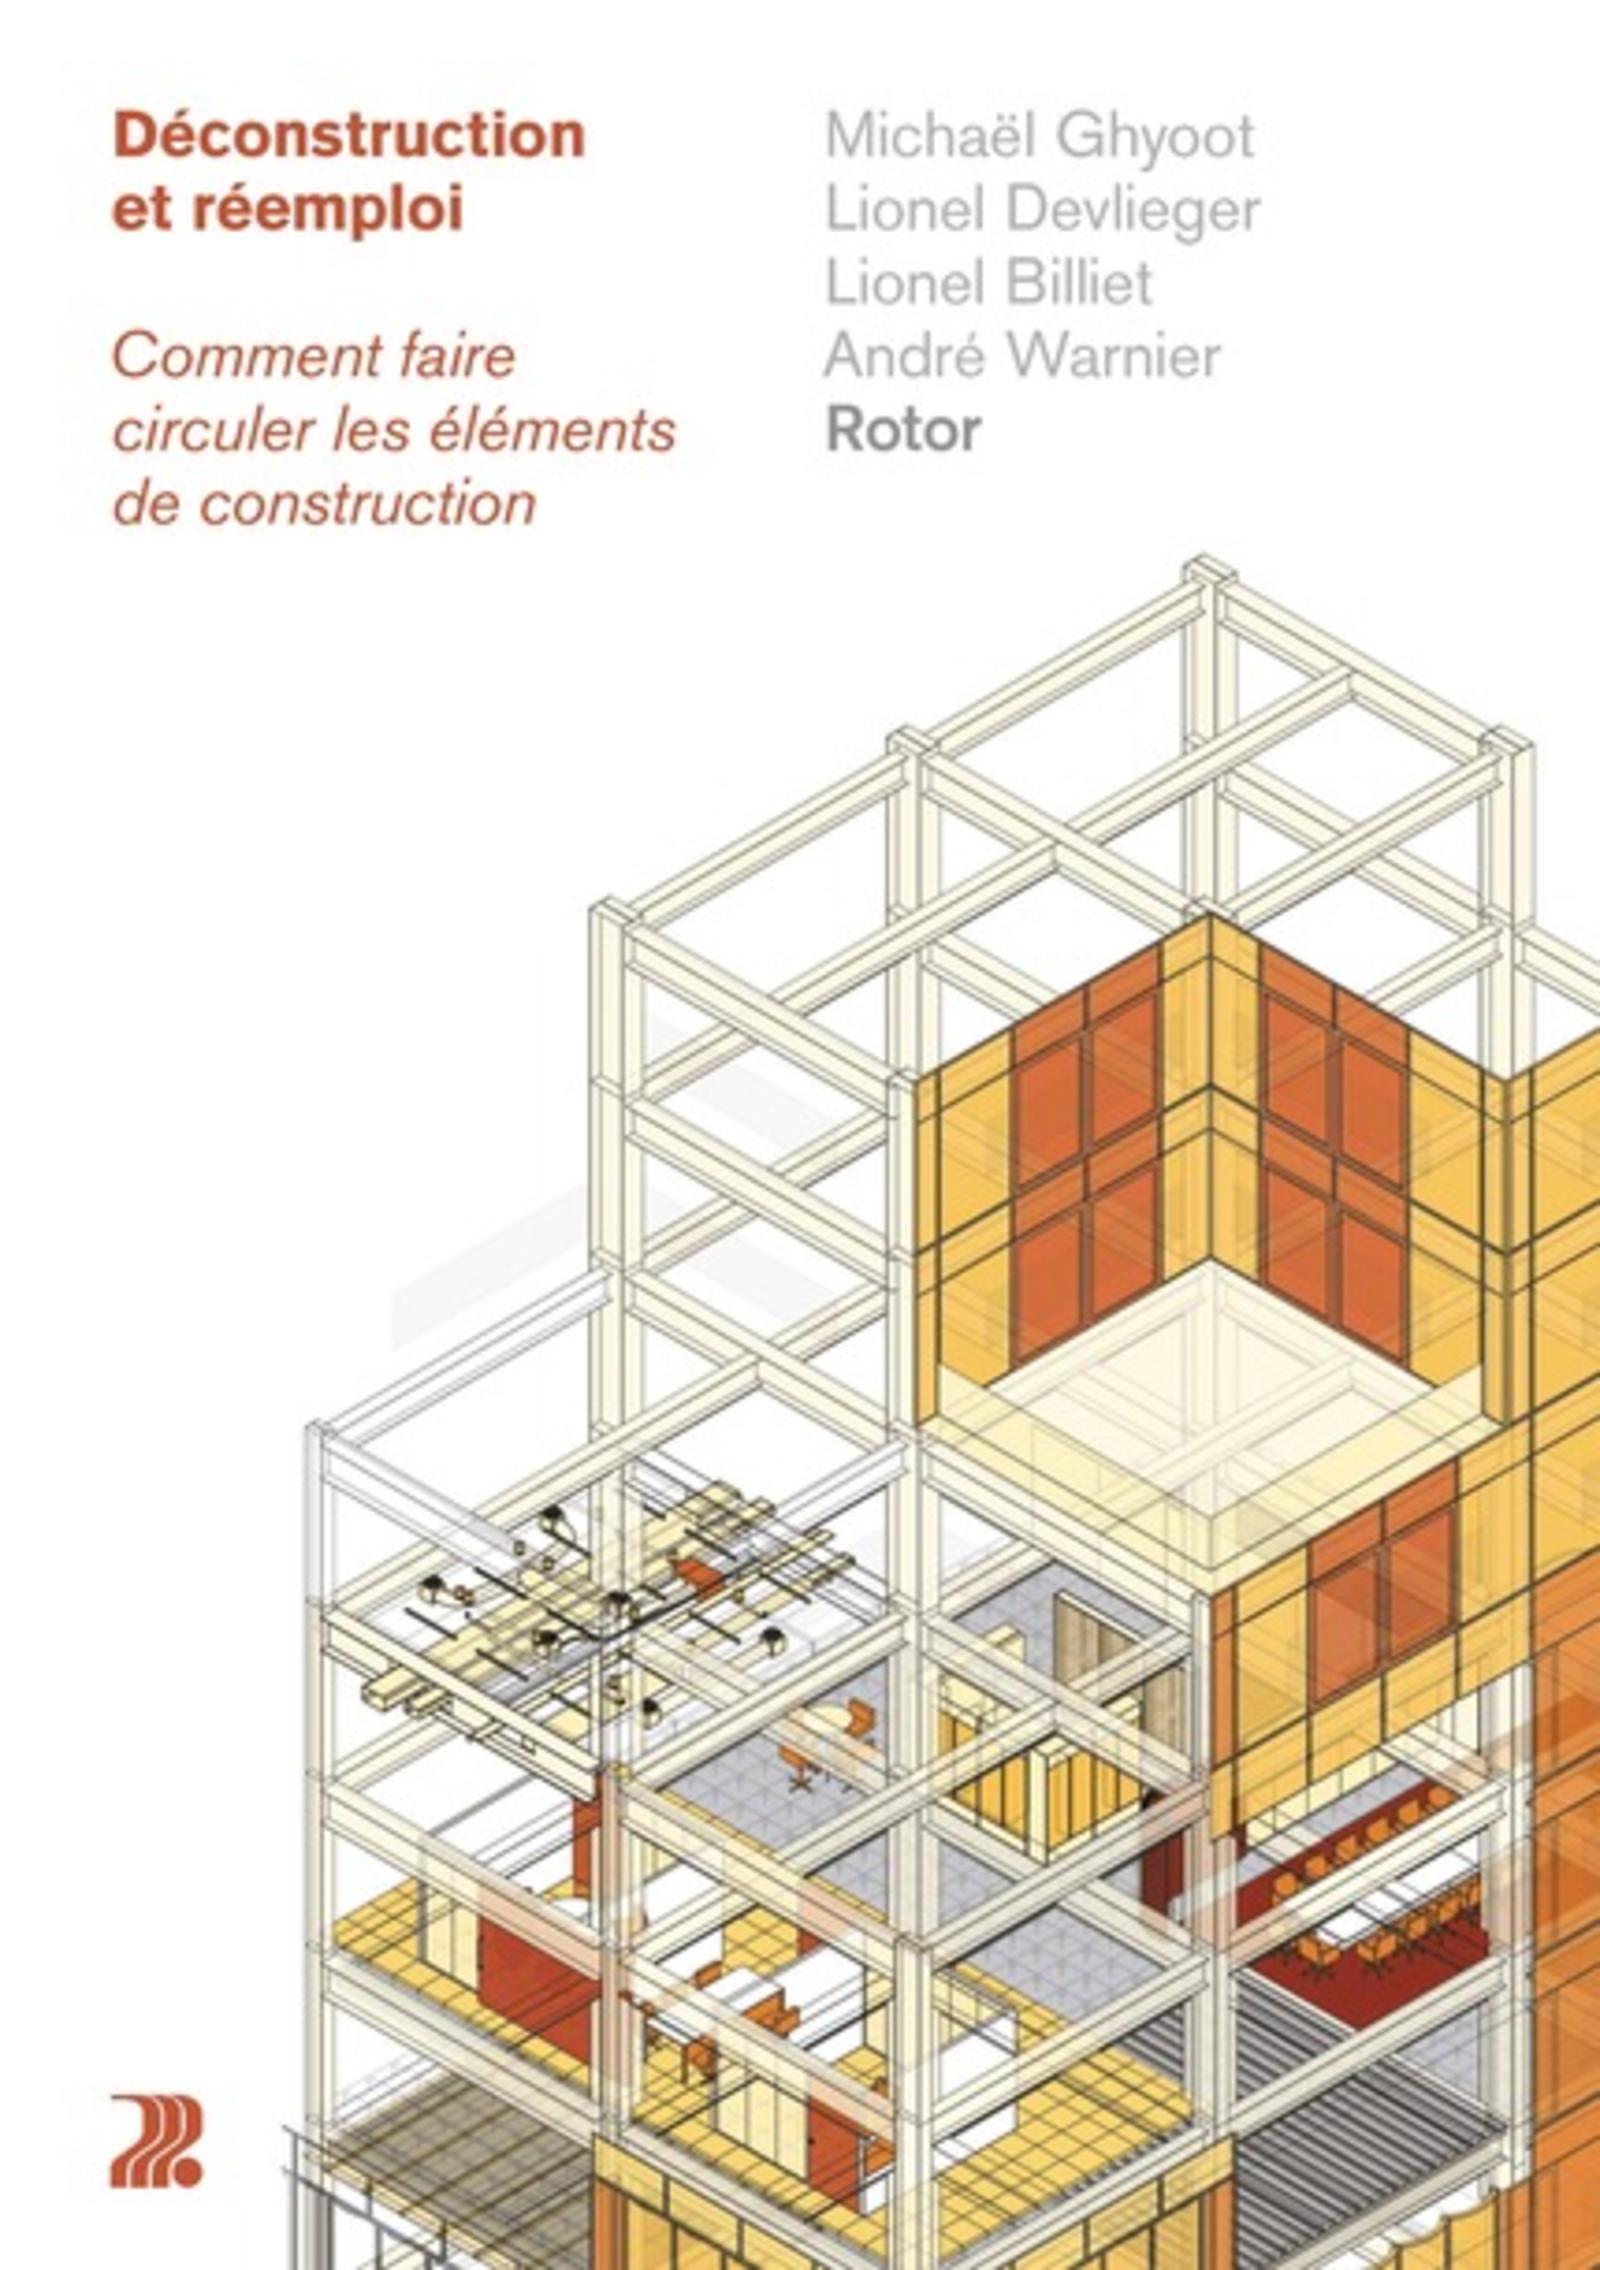 DECONSTRUCTION ET REEMPLOI - COMMENT FAIRE CIRCULER LES ELEMENTS DE CONSTRUCTION